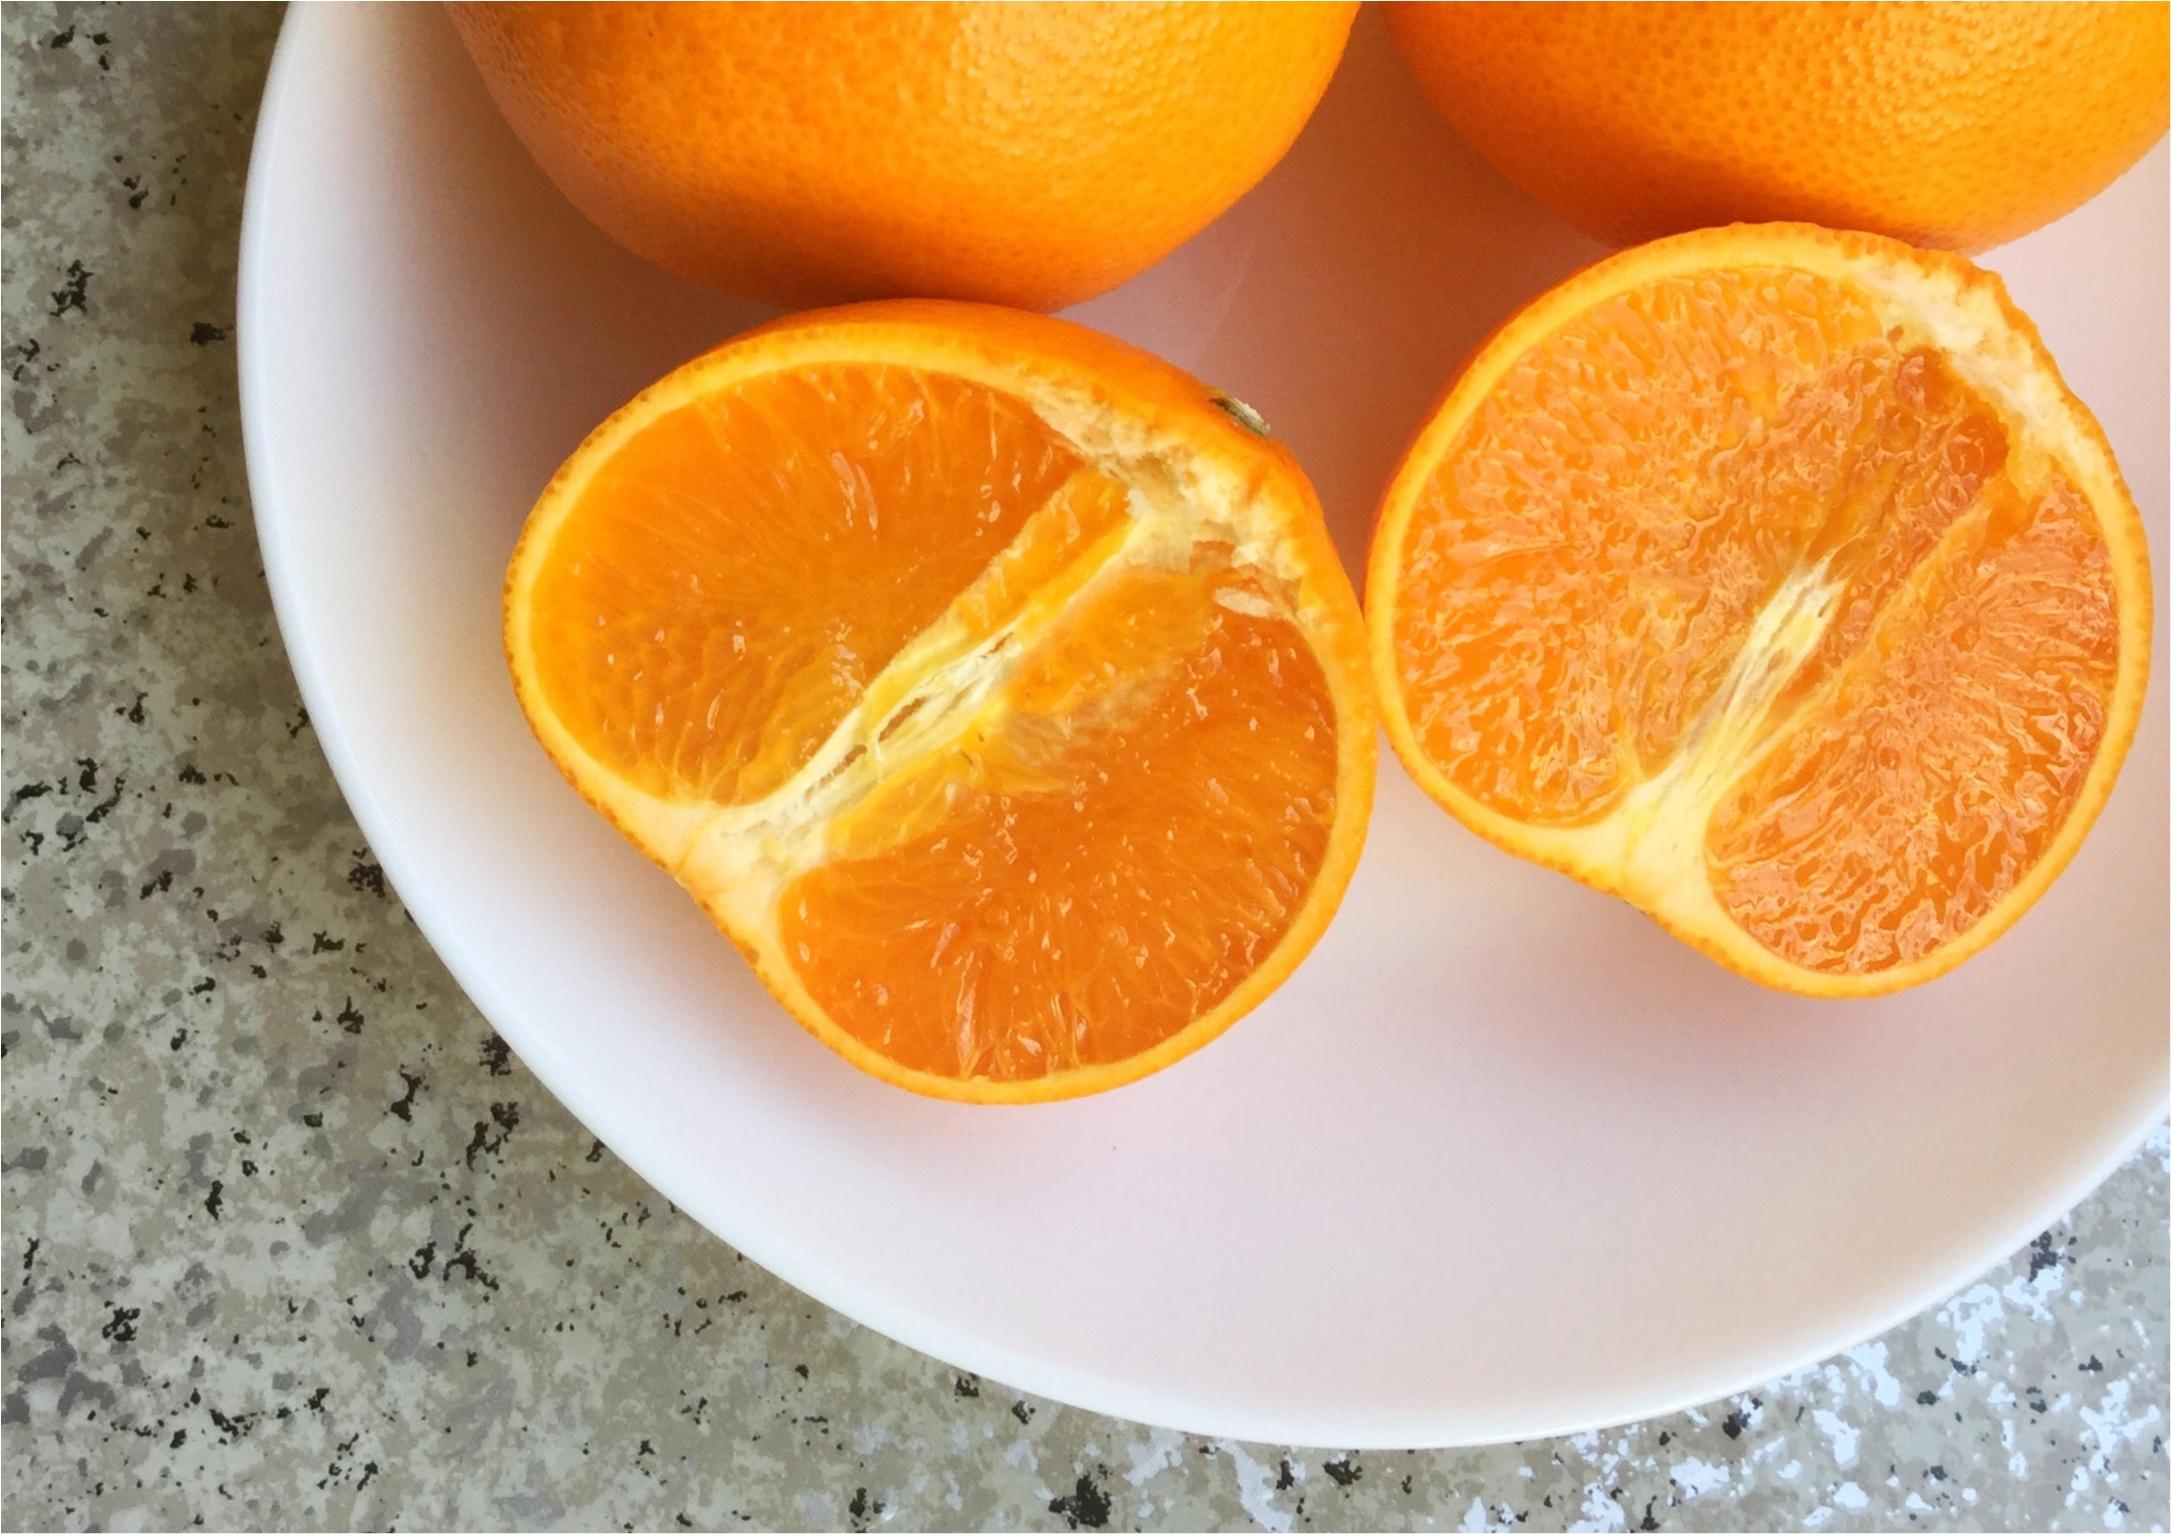 【フルーツ好きがオススメする幻の柑橘】ビタミンCが豊富な柑橘類の大トロともいわれる「せとか」で美肌をゲットしませんか♡_2